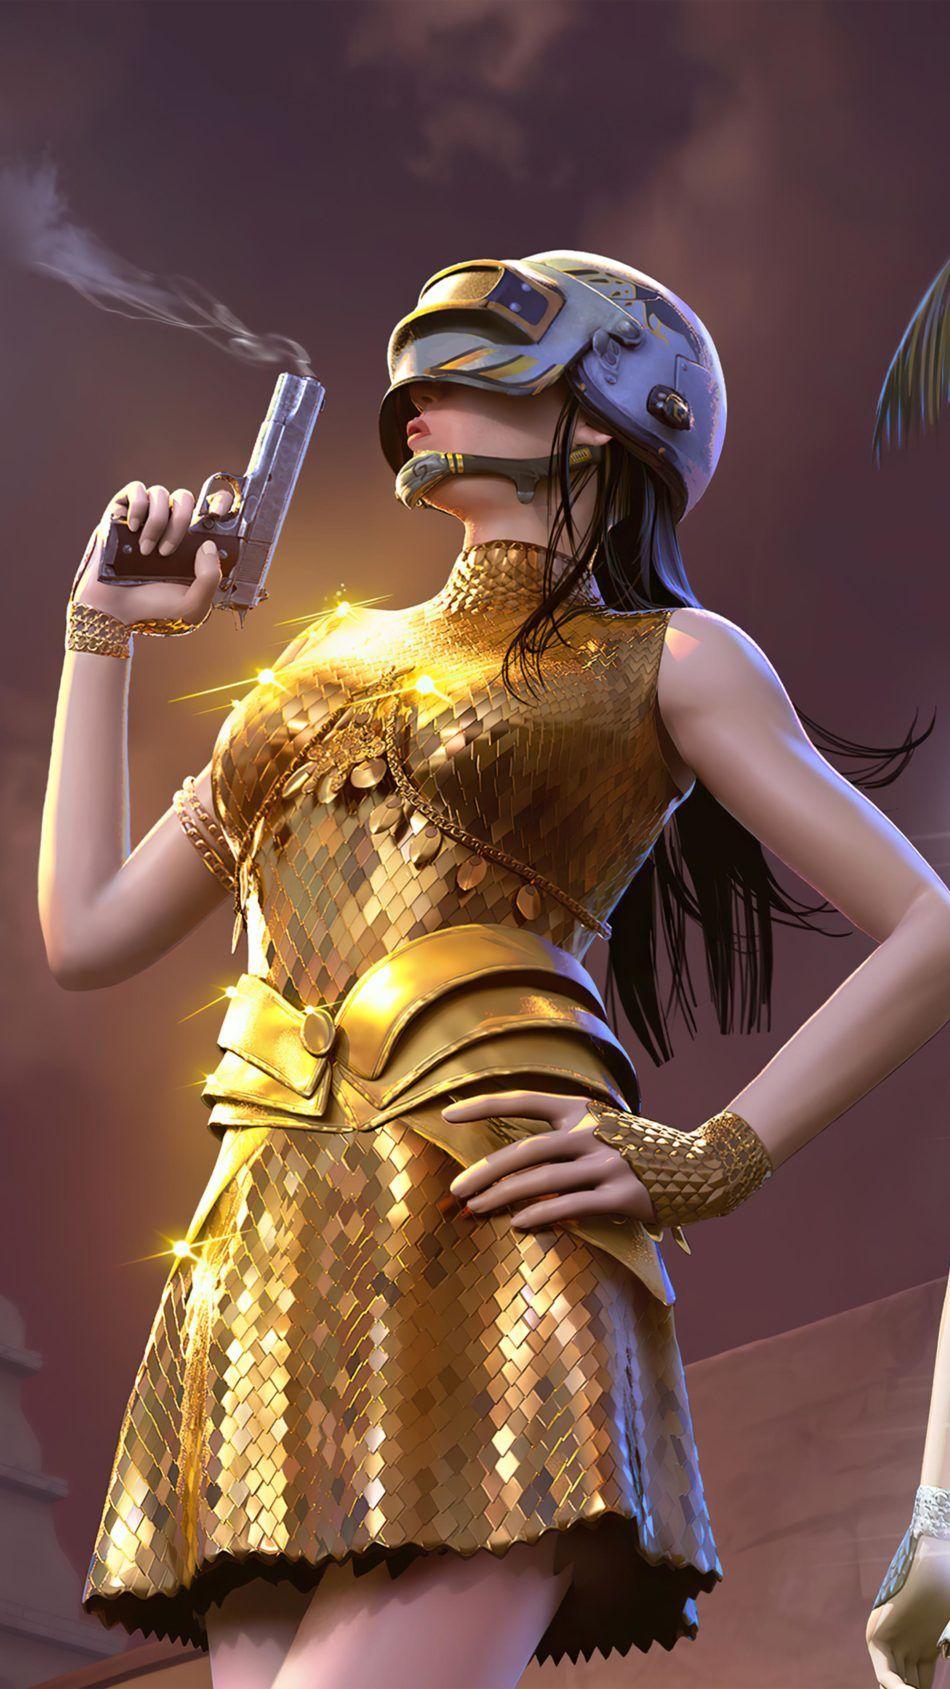 PUBG Girl Golden Dress 4K Ultra HD Mobile Wallpaper in